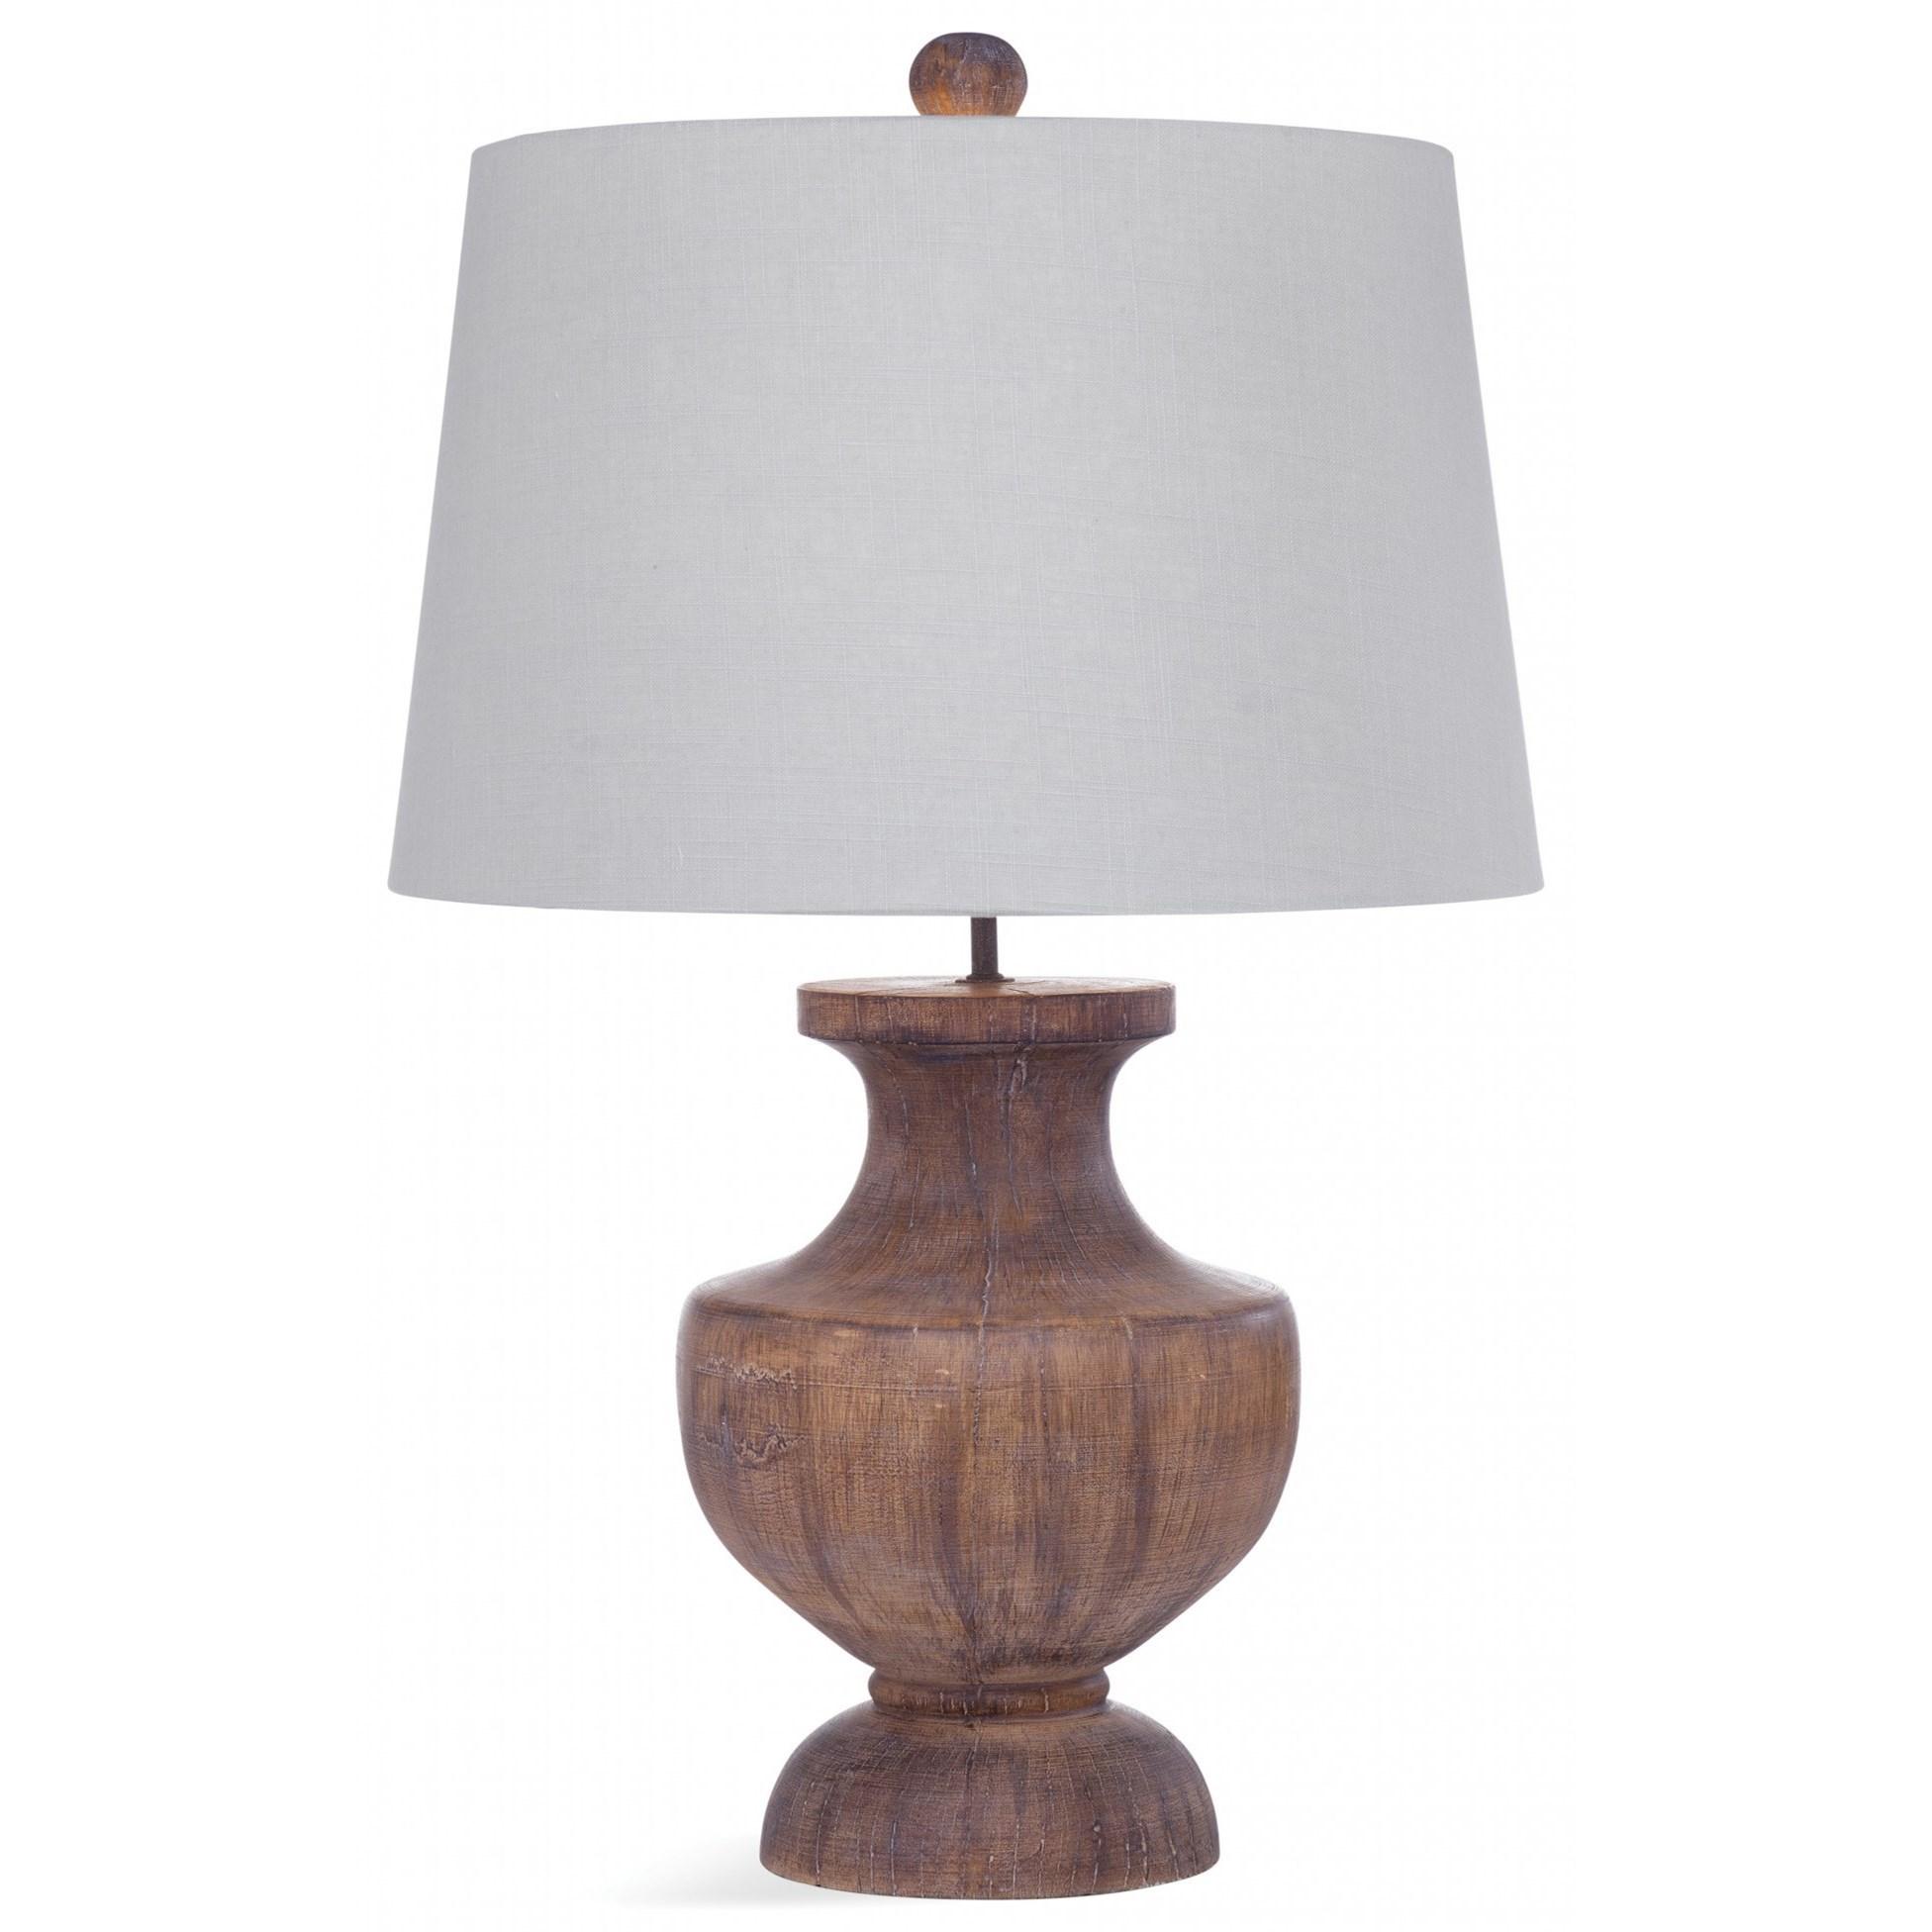 Bassett Furniture Milford Ct: Bassett Mirror Lamps L3347T Stella Table Lamps